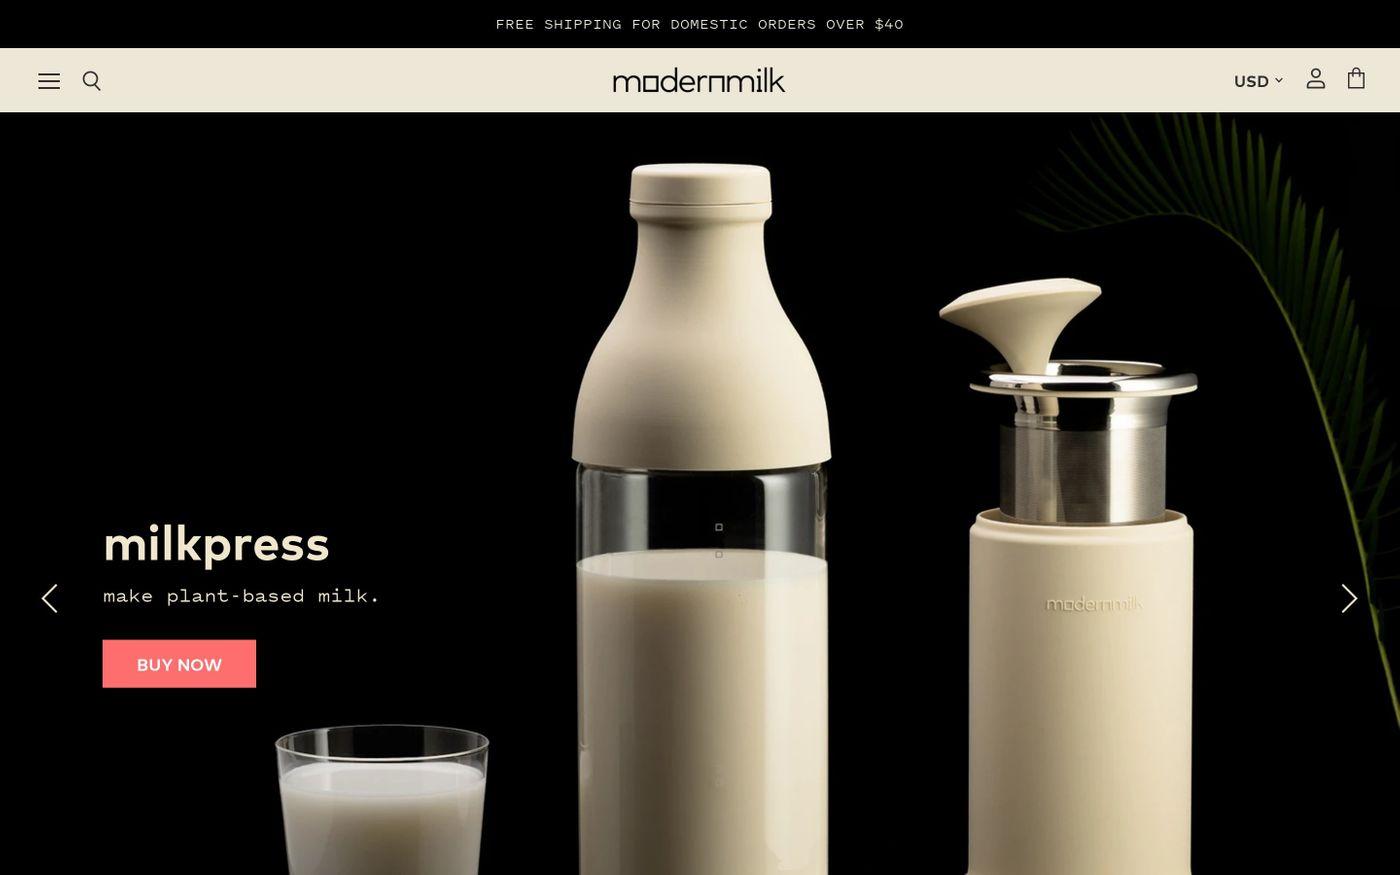 Screenshot of ModernMilk website